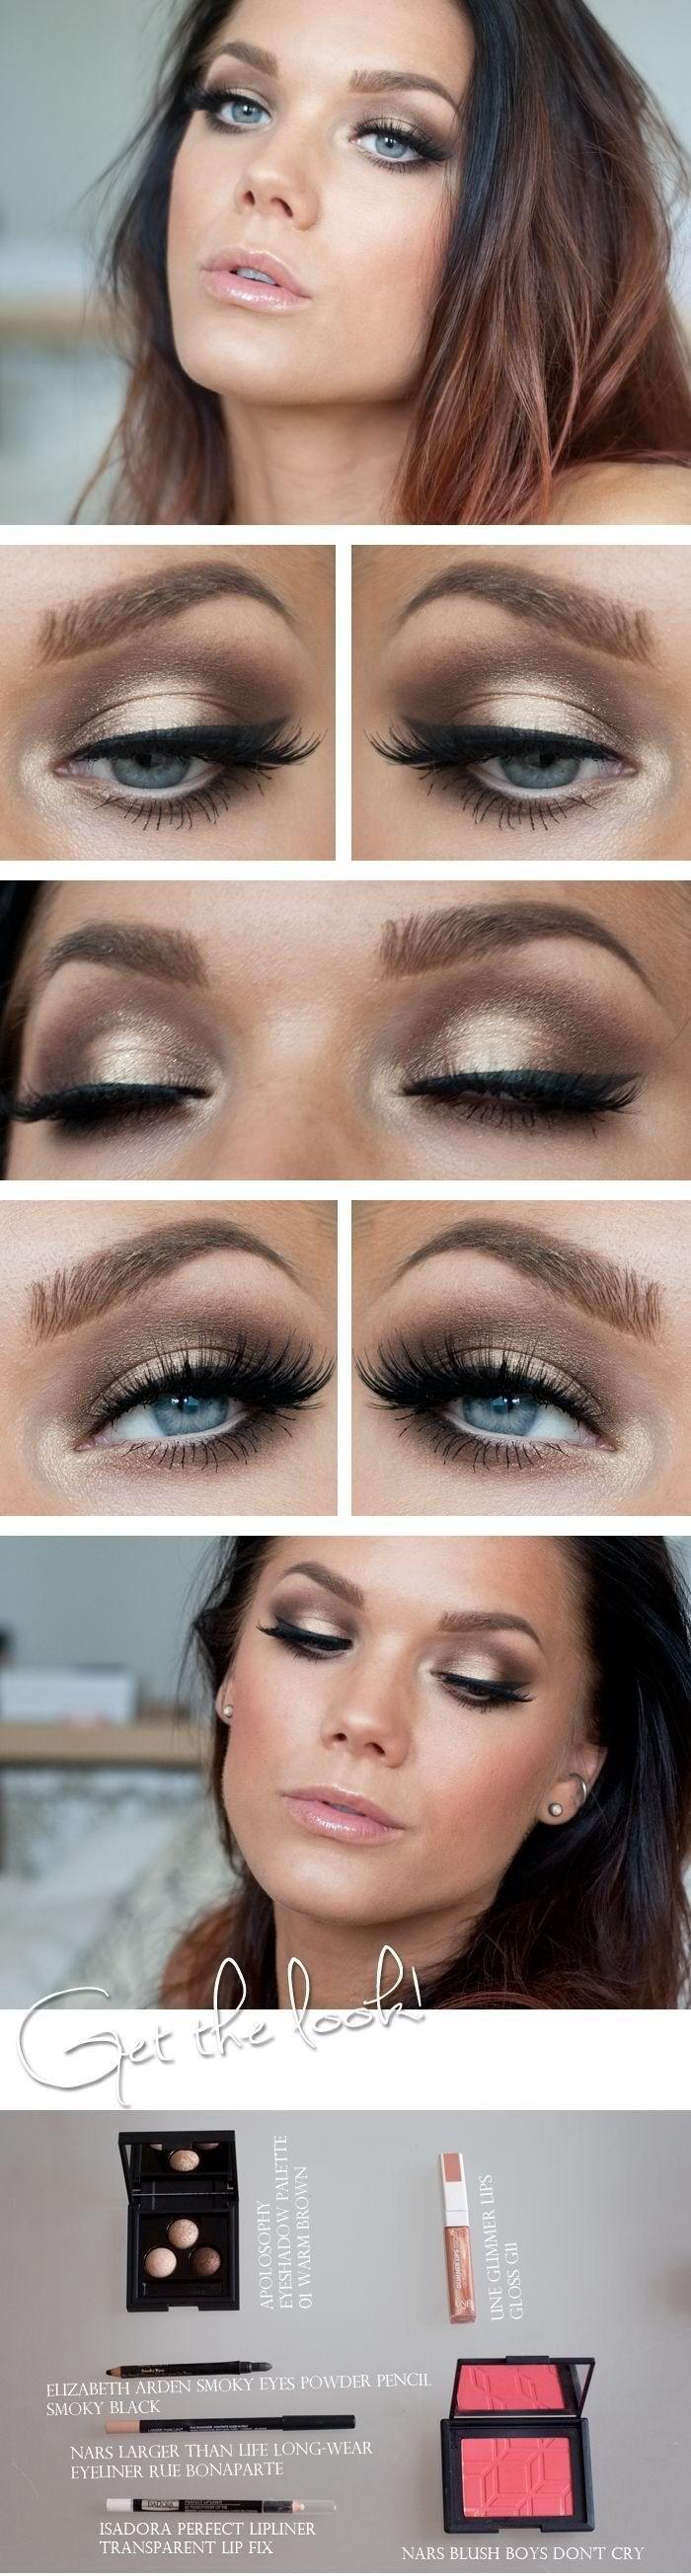 Prom makeup?